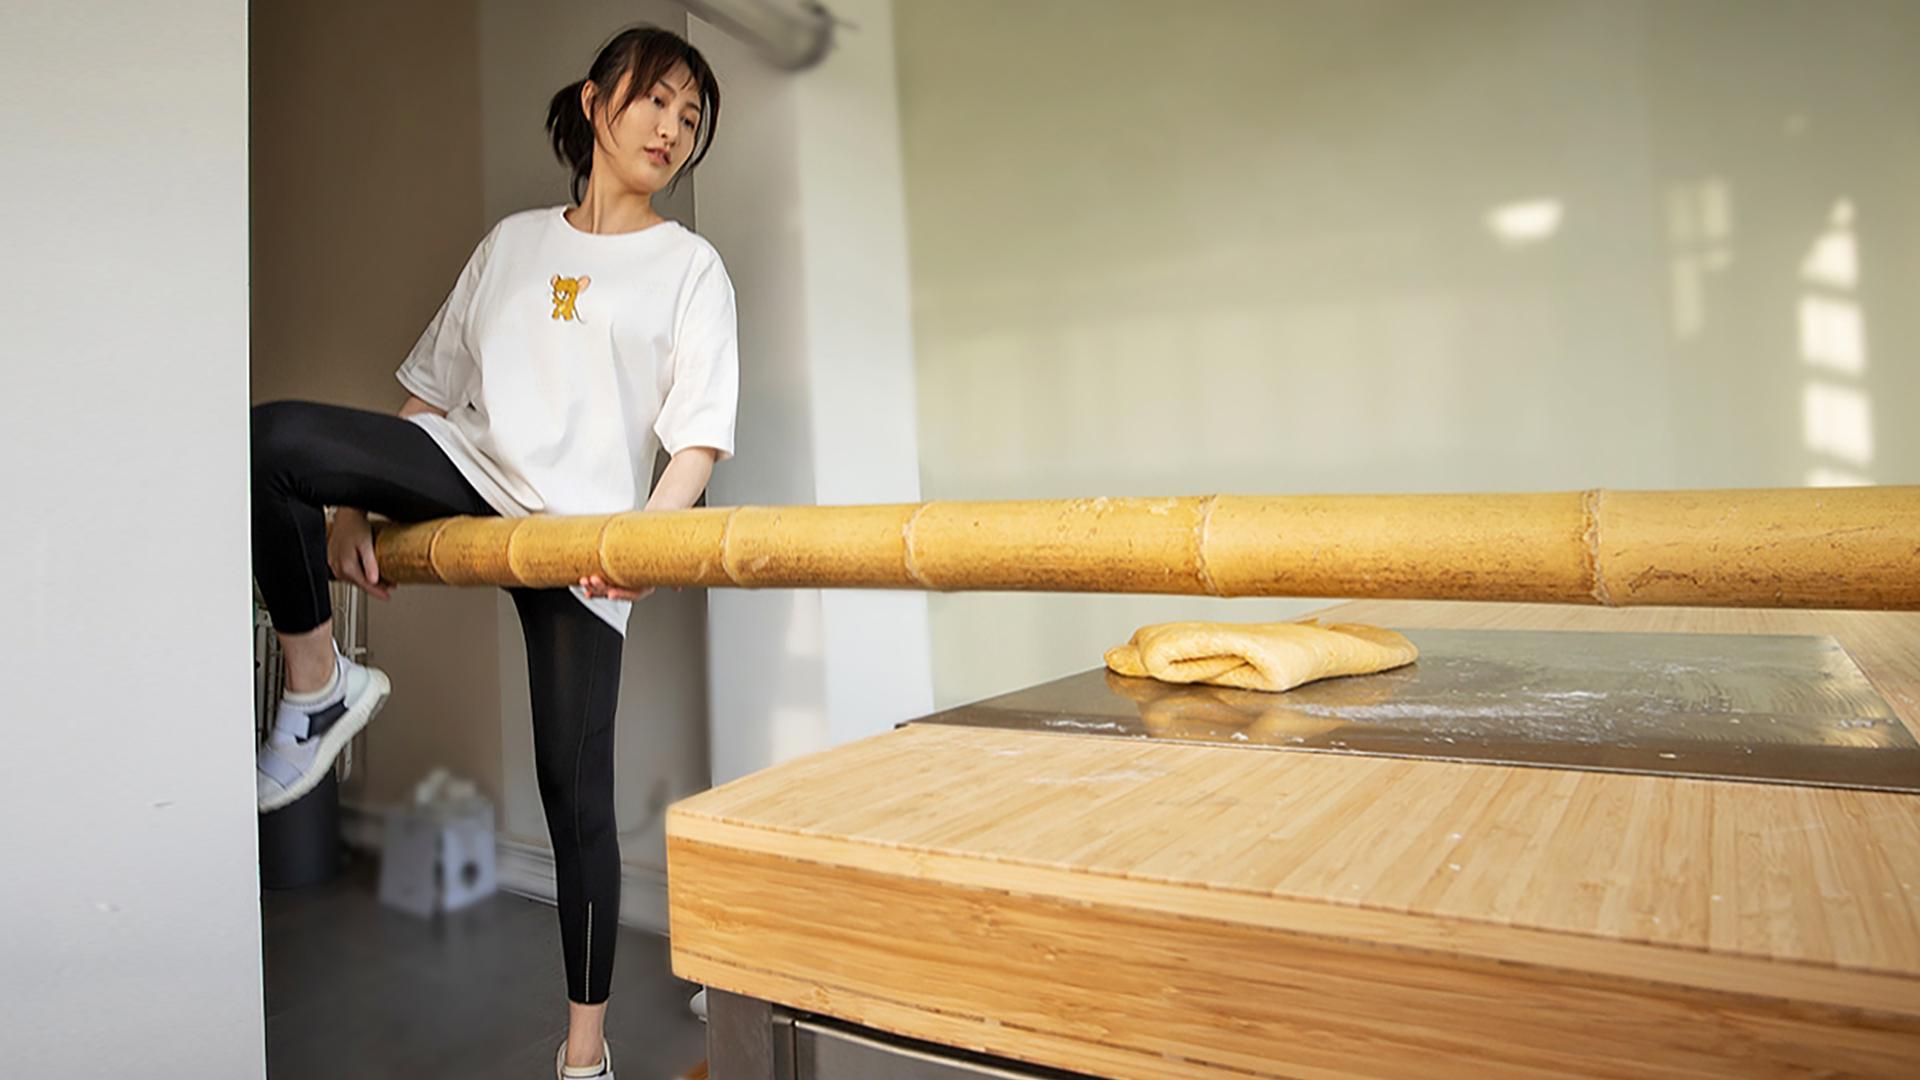 一女子宅家研习竹升压面,拉伤大腿韧带导致行动不便